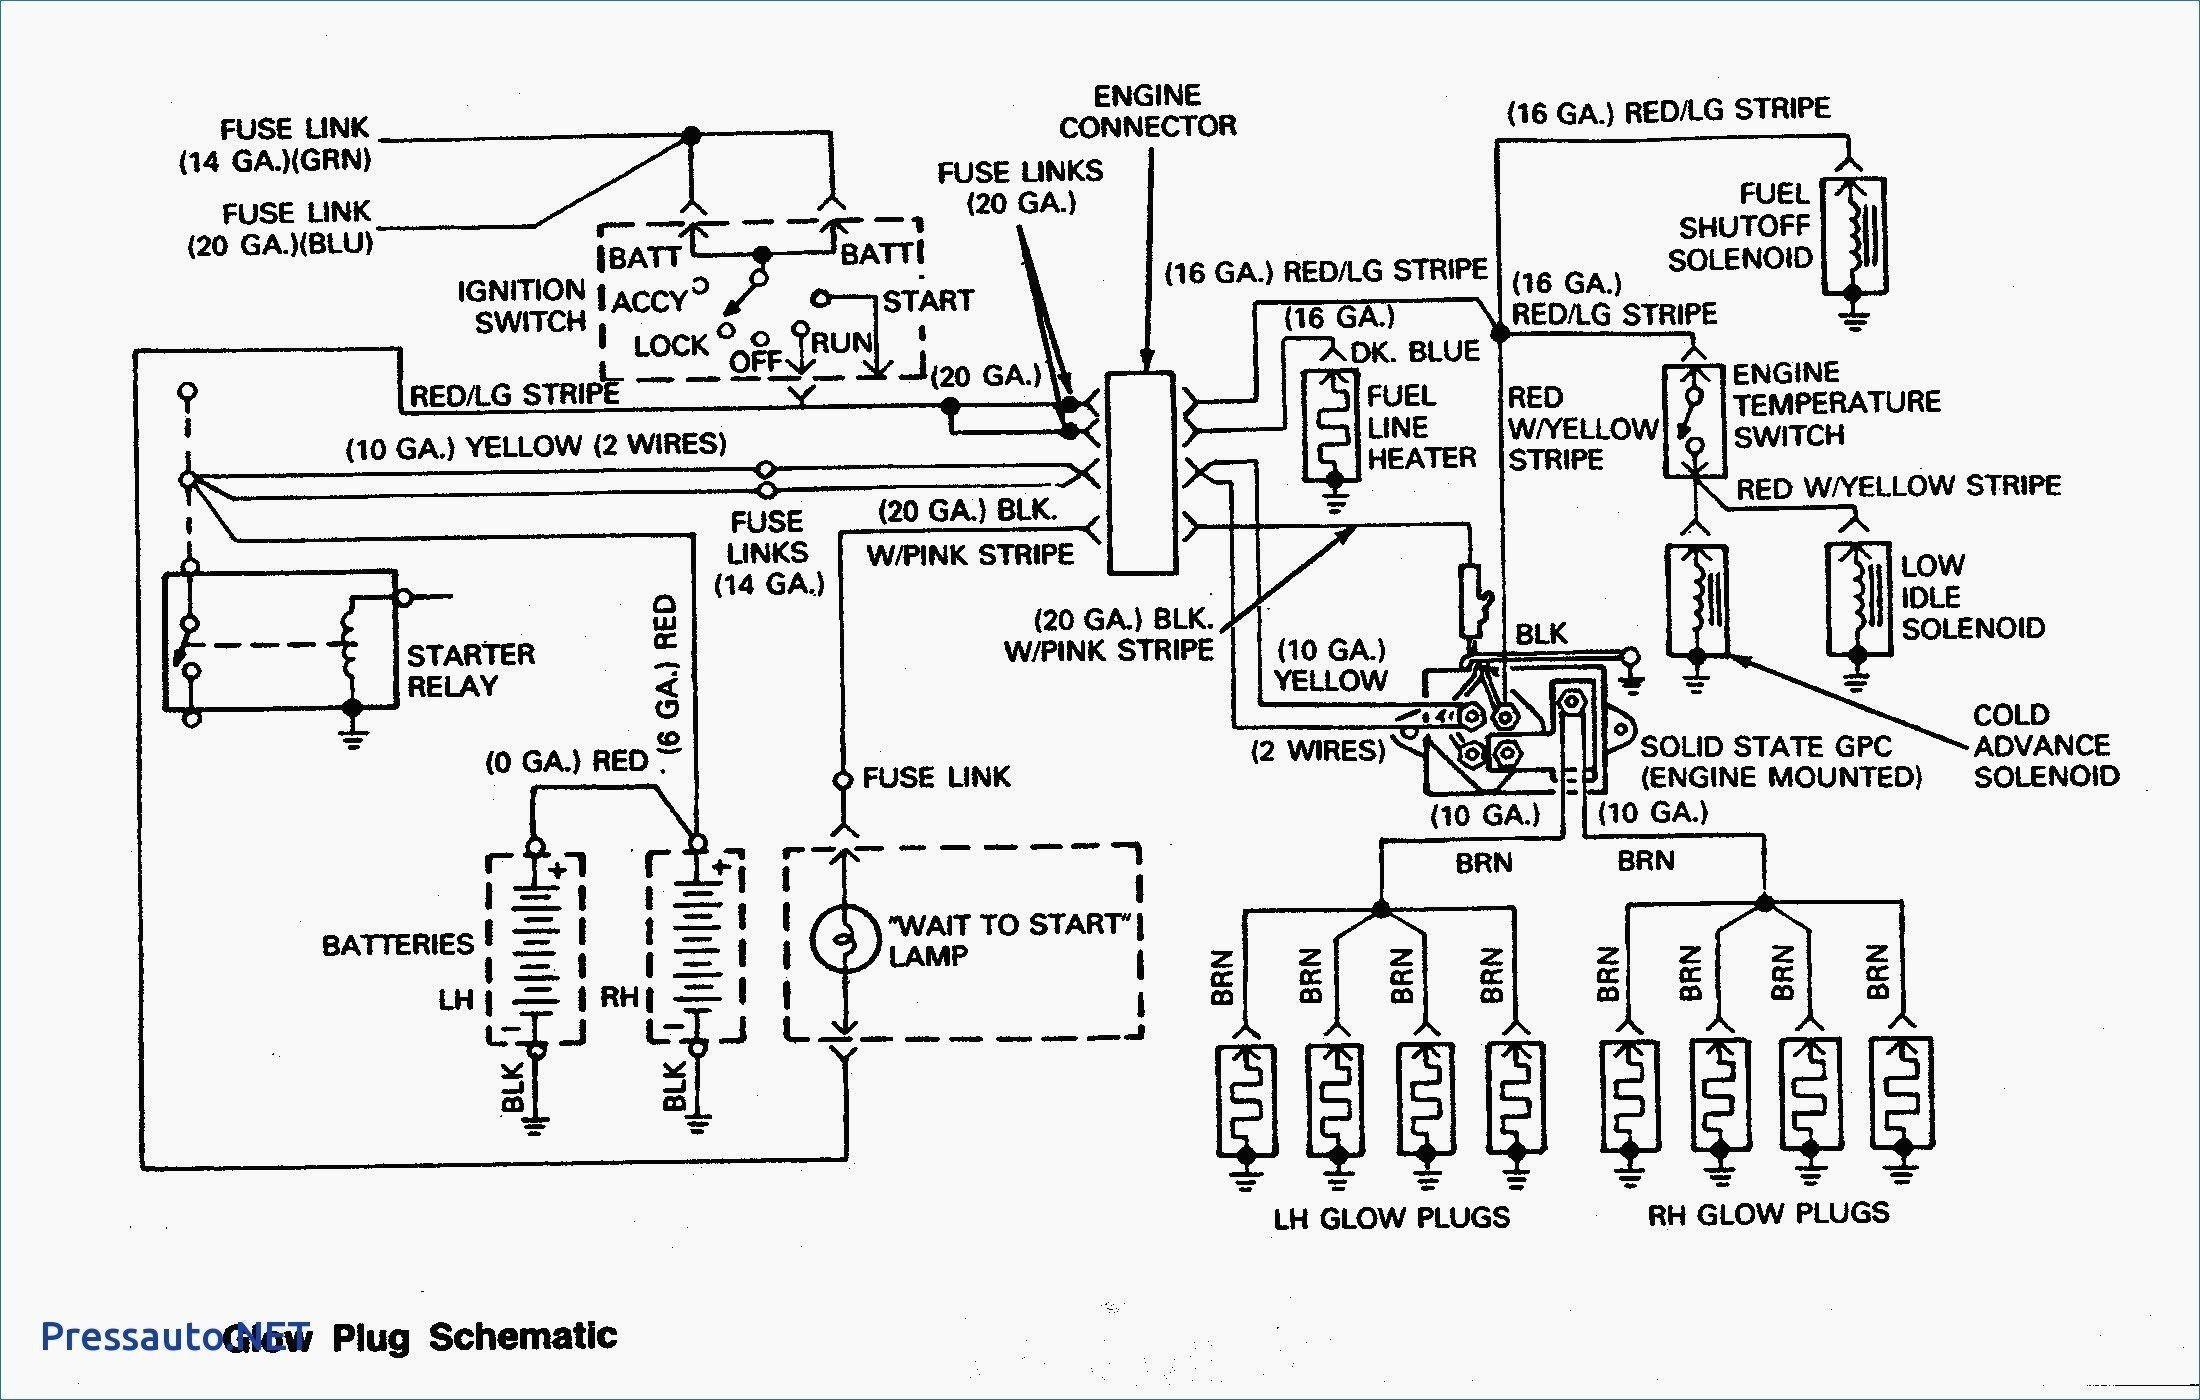 Viper 3305 Wire Diagram Viper 3305v Wiring Diagram Elegant Of Viper 3305 Wire Diagram